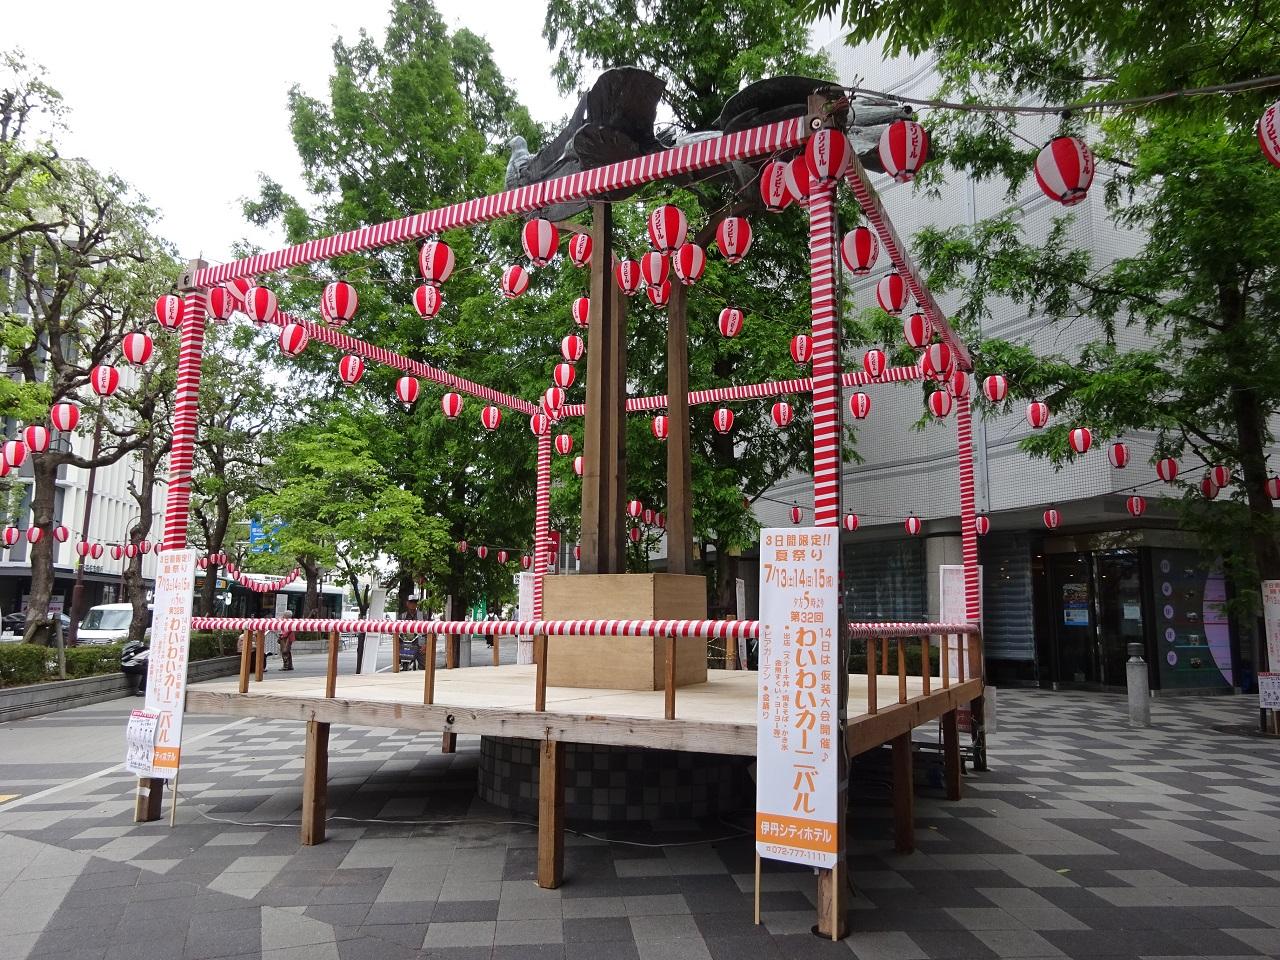 伊丹シティホテルの夏祭